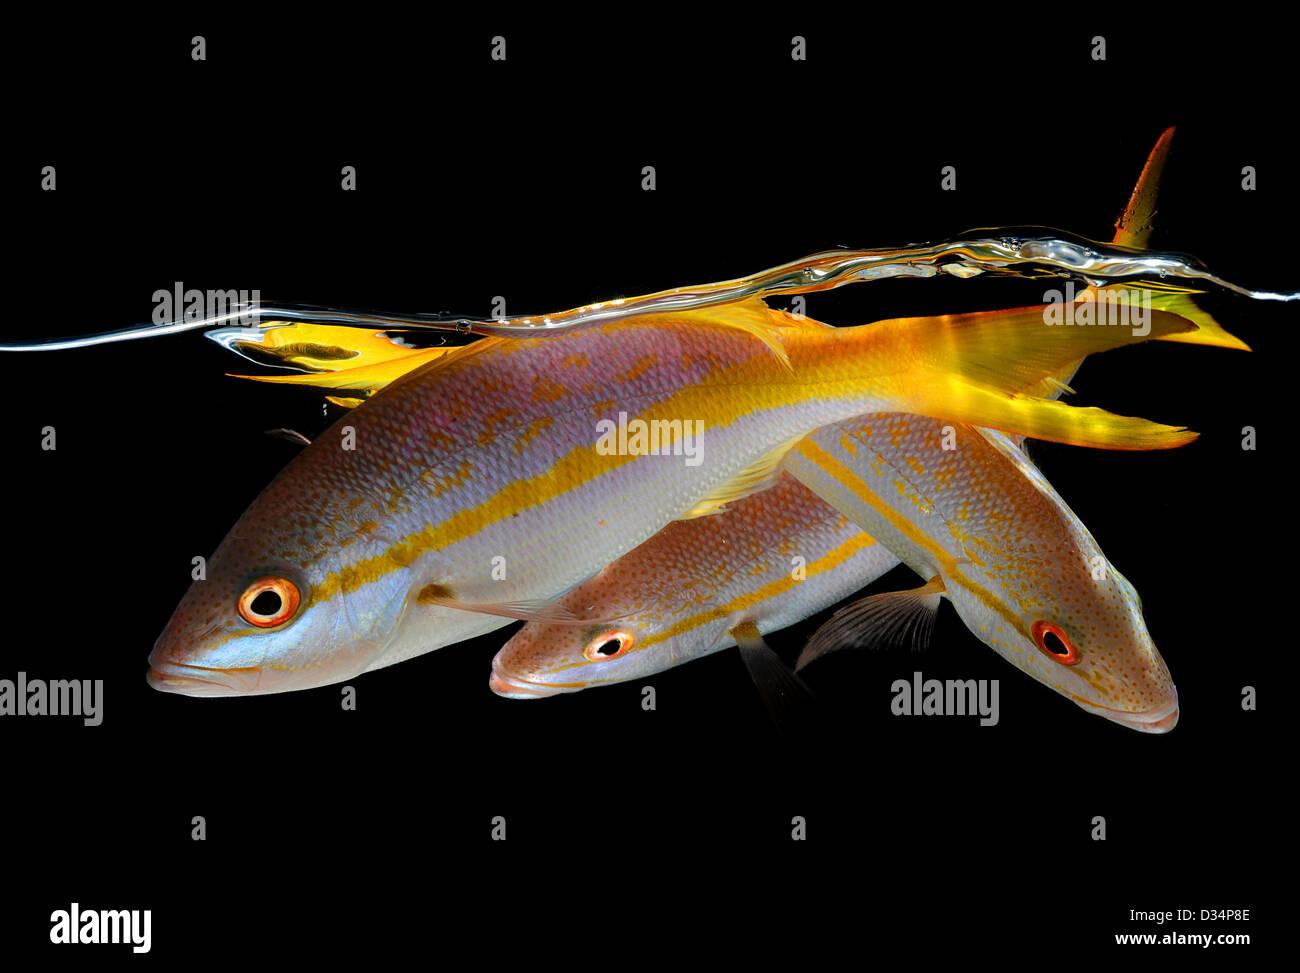 Drei Gelbe Rute Schnapper unter Wasser auf schwarzem Hintergrund Stockbild